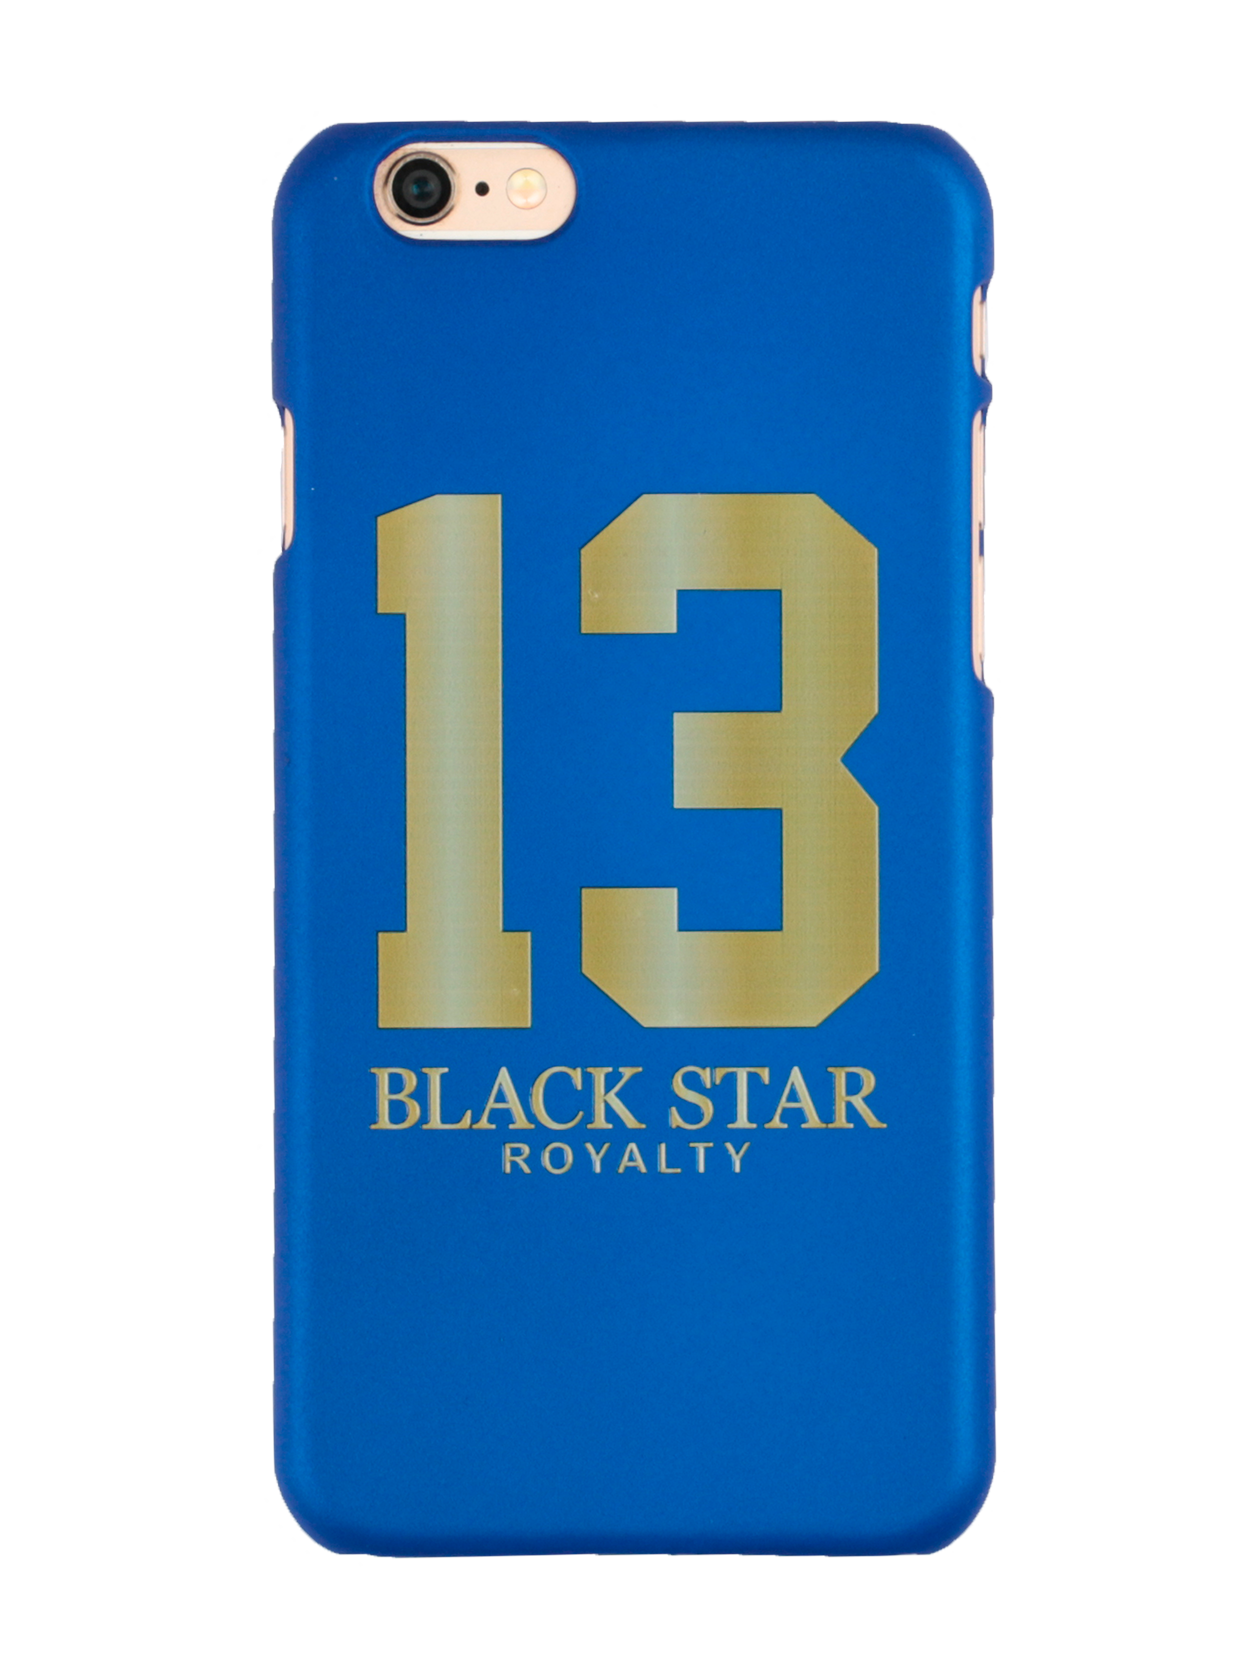 Чехол для телефона 13 GOLDЧехол для телефона 13 Gold из коллекции Black Star Wear – яркое дополнение любимого гаджета. Аксессуар используется в качестве задней стенки мобильного устройства, полностью повторяя его форму. Выполнен из прочного пластика, способного защитить корпус телефона от повреждений и попадания пыли. Чехол представлен в синем цвете, дизайн дополнен стильным принтом с цифрой 13 и надписью «Black Star Royalty».<br><br>Размер: 6+<br>Цвет: Синий<br>Пол: Унисекс